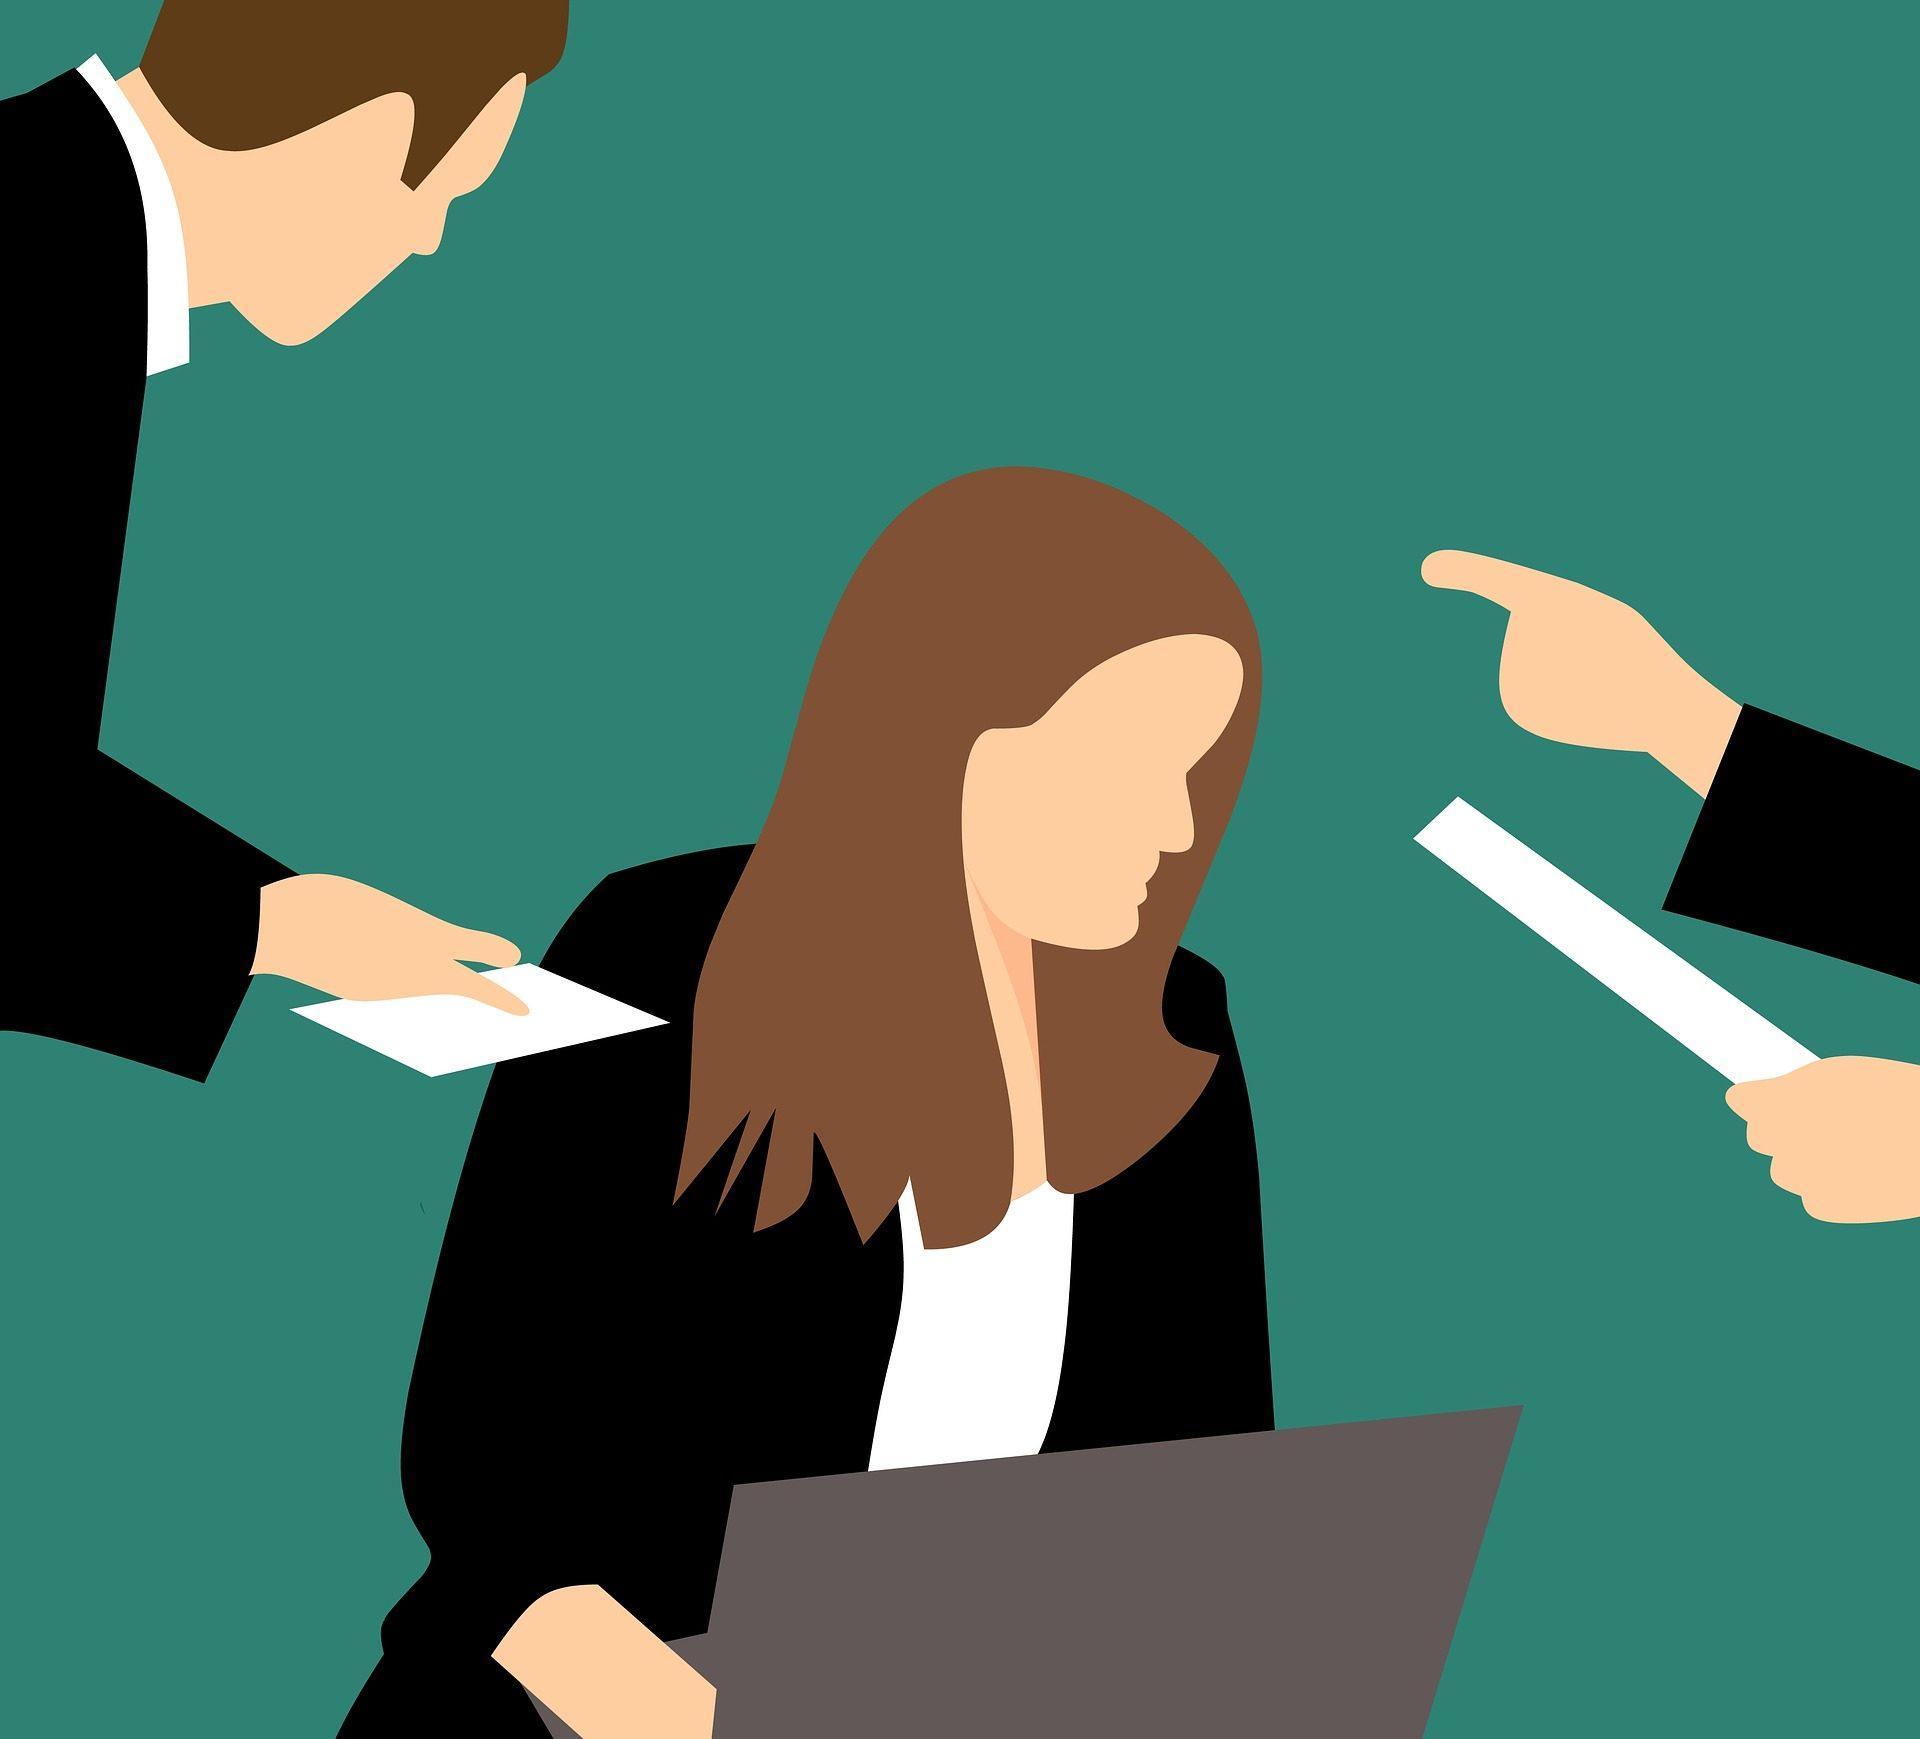 Kunt u als indirect bestuurder aansprakelijk zijn voor onbetaald gelaten facturen van een B.V.?